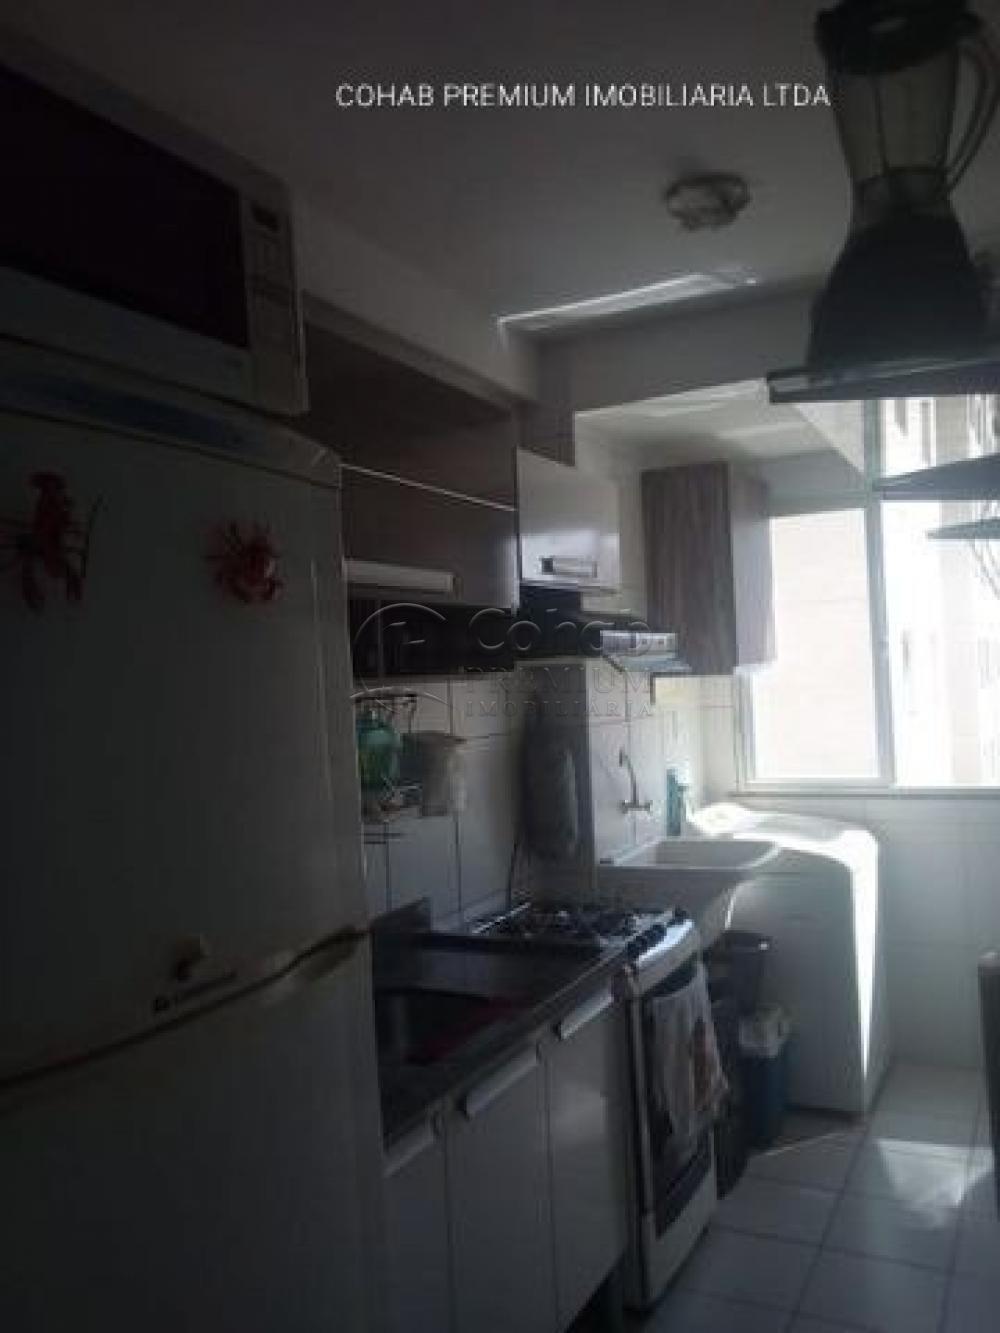 Comprar Apartamento / Padrão em Aracaju apenas R$ 170.000,00 - Foto 10